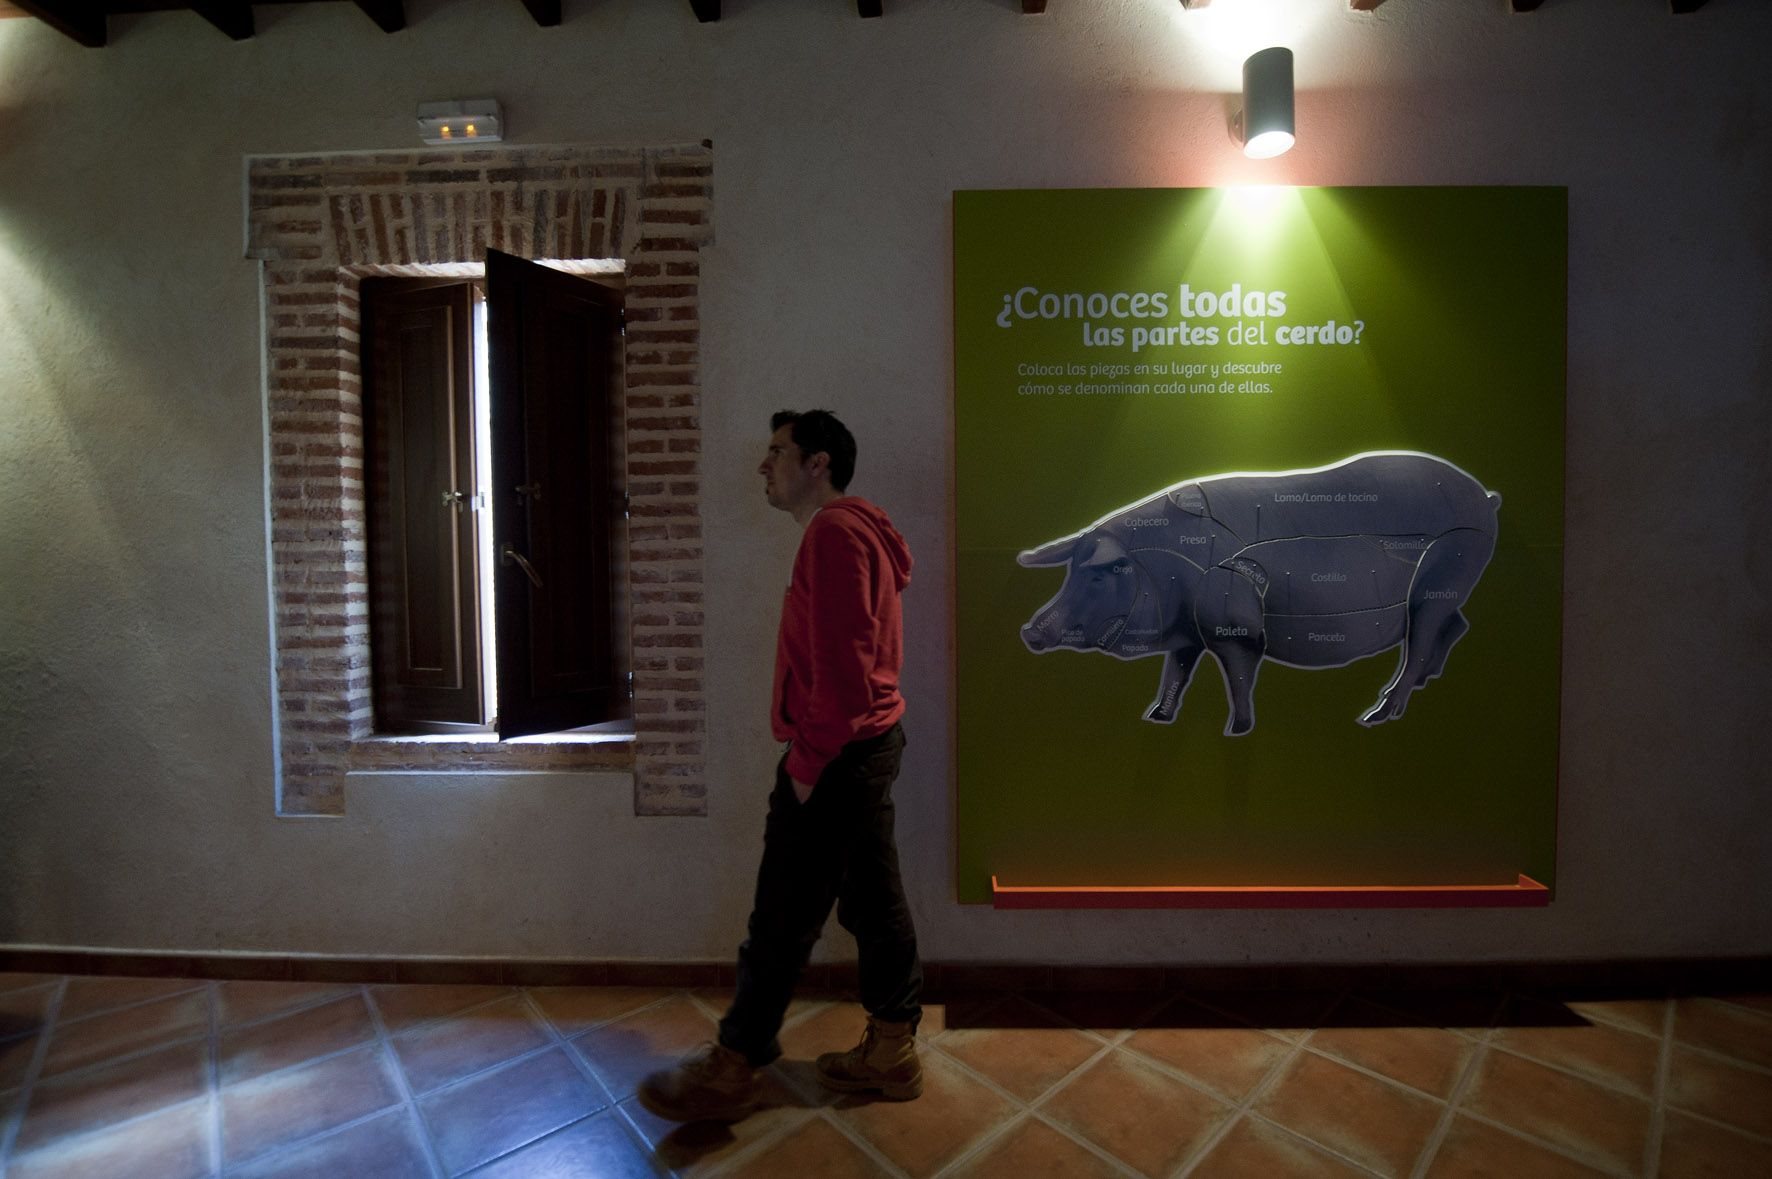 Centro de interpretación del cerdo CICI, Higuera de la real